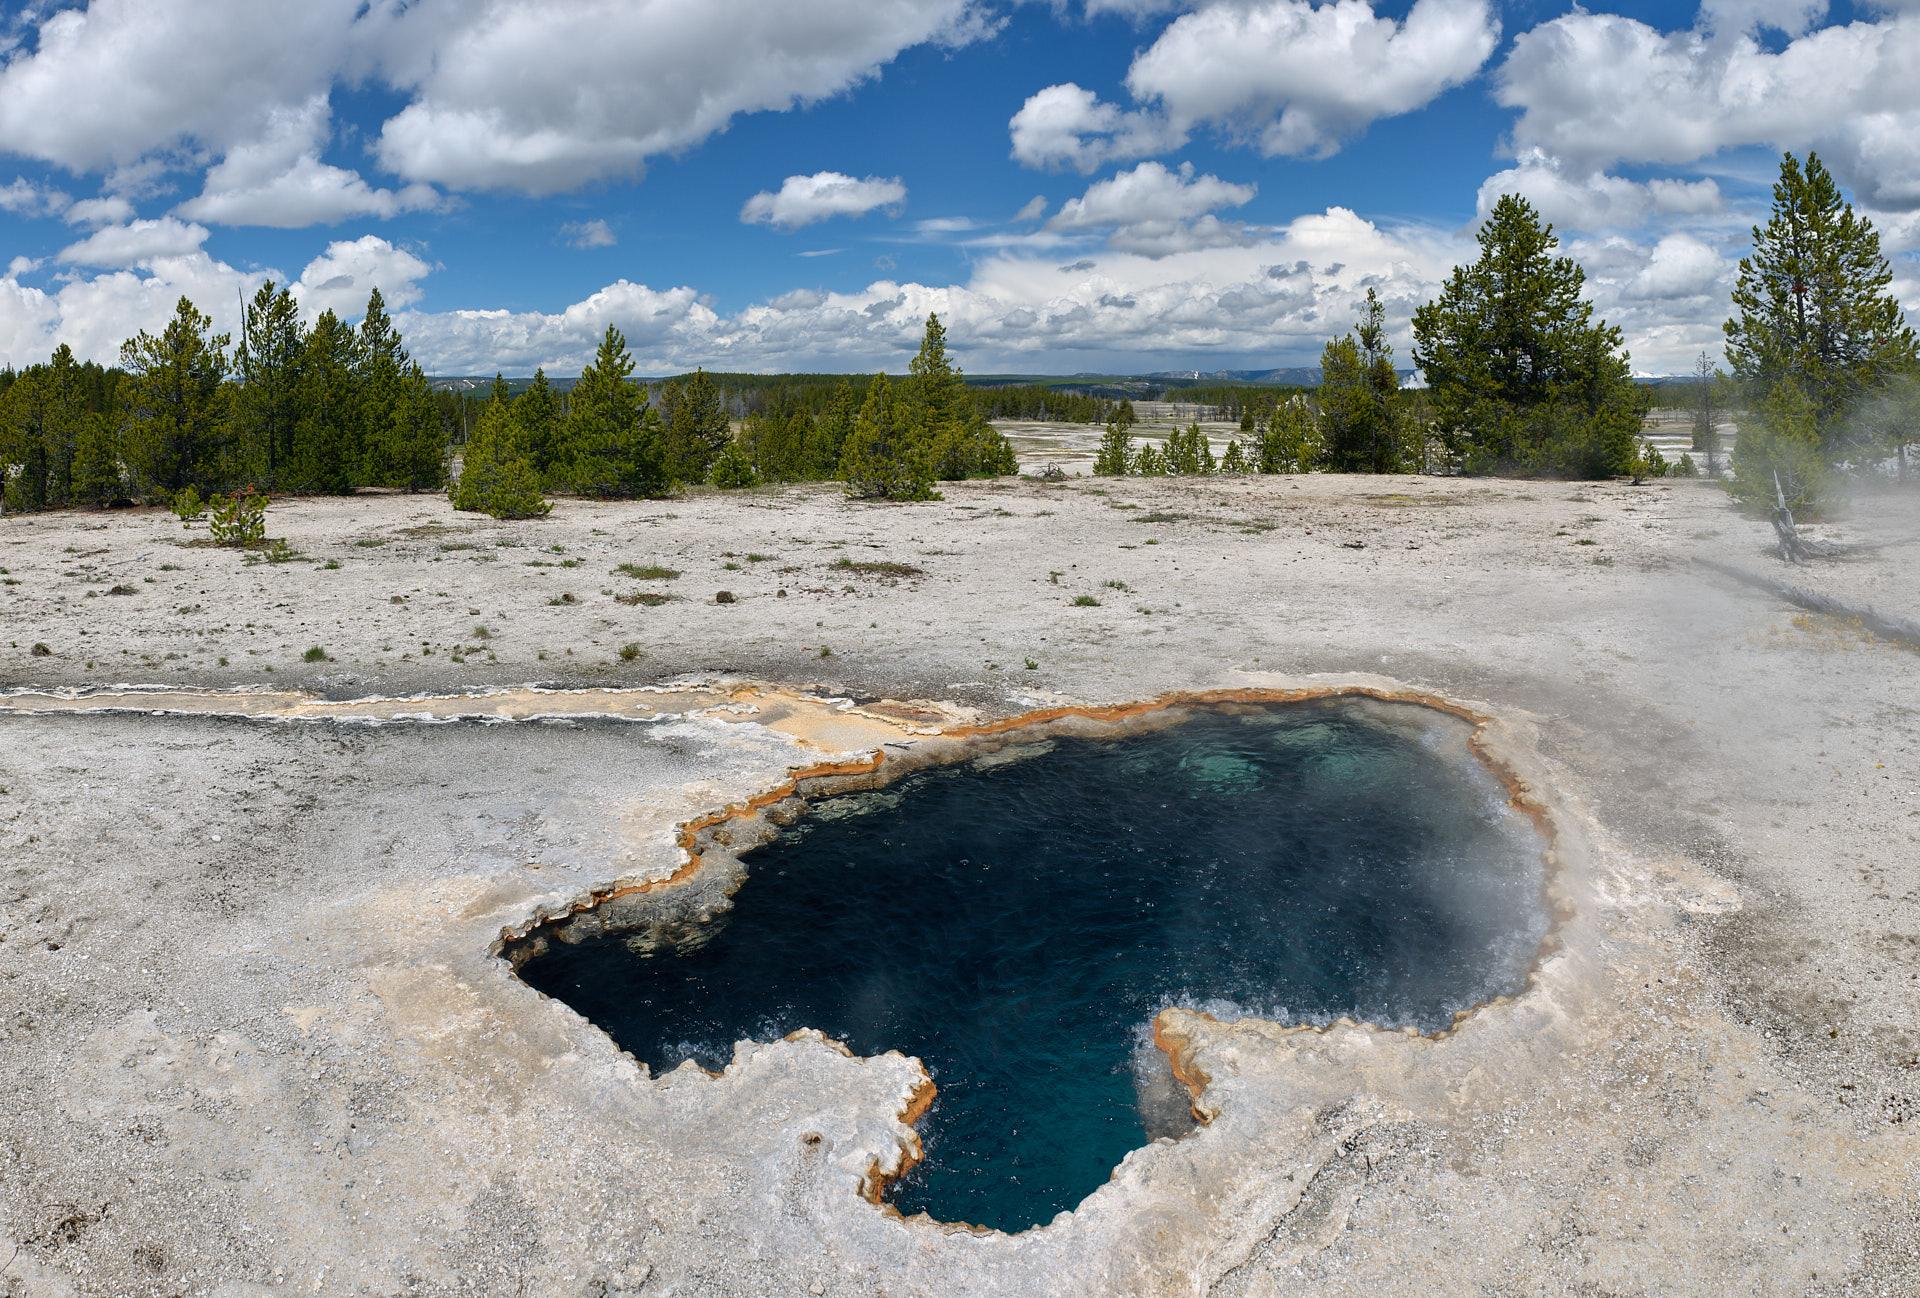 Der Surprise Pool auf diesem Naturbild aus dem Yellowstone Nationalpark besticht durch sein tiefes Blau und sein immer währendes Sieden.Kamera: NIKON D3X Brennweite: 24mm 1/200 s bei Blende f/9.0